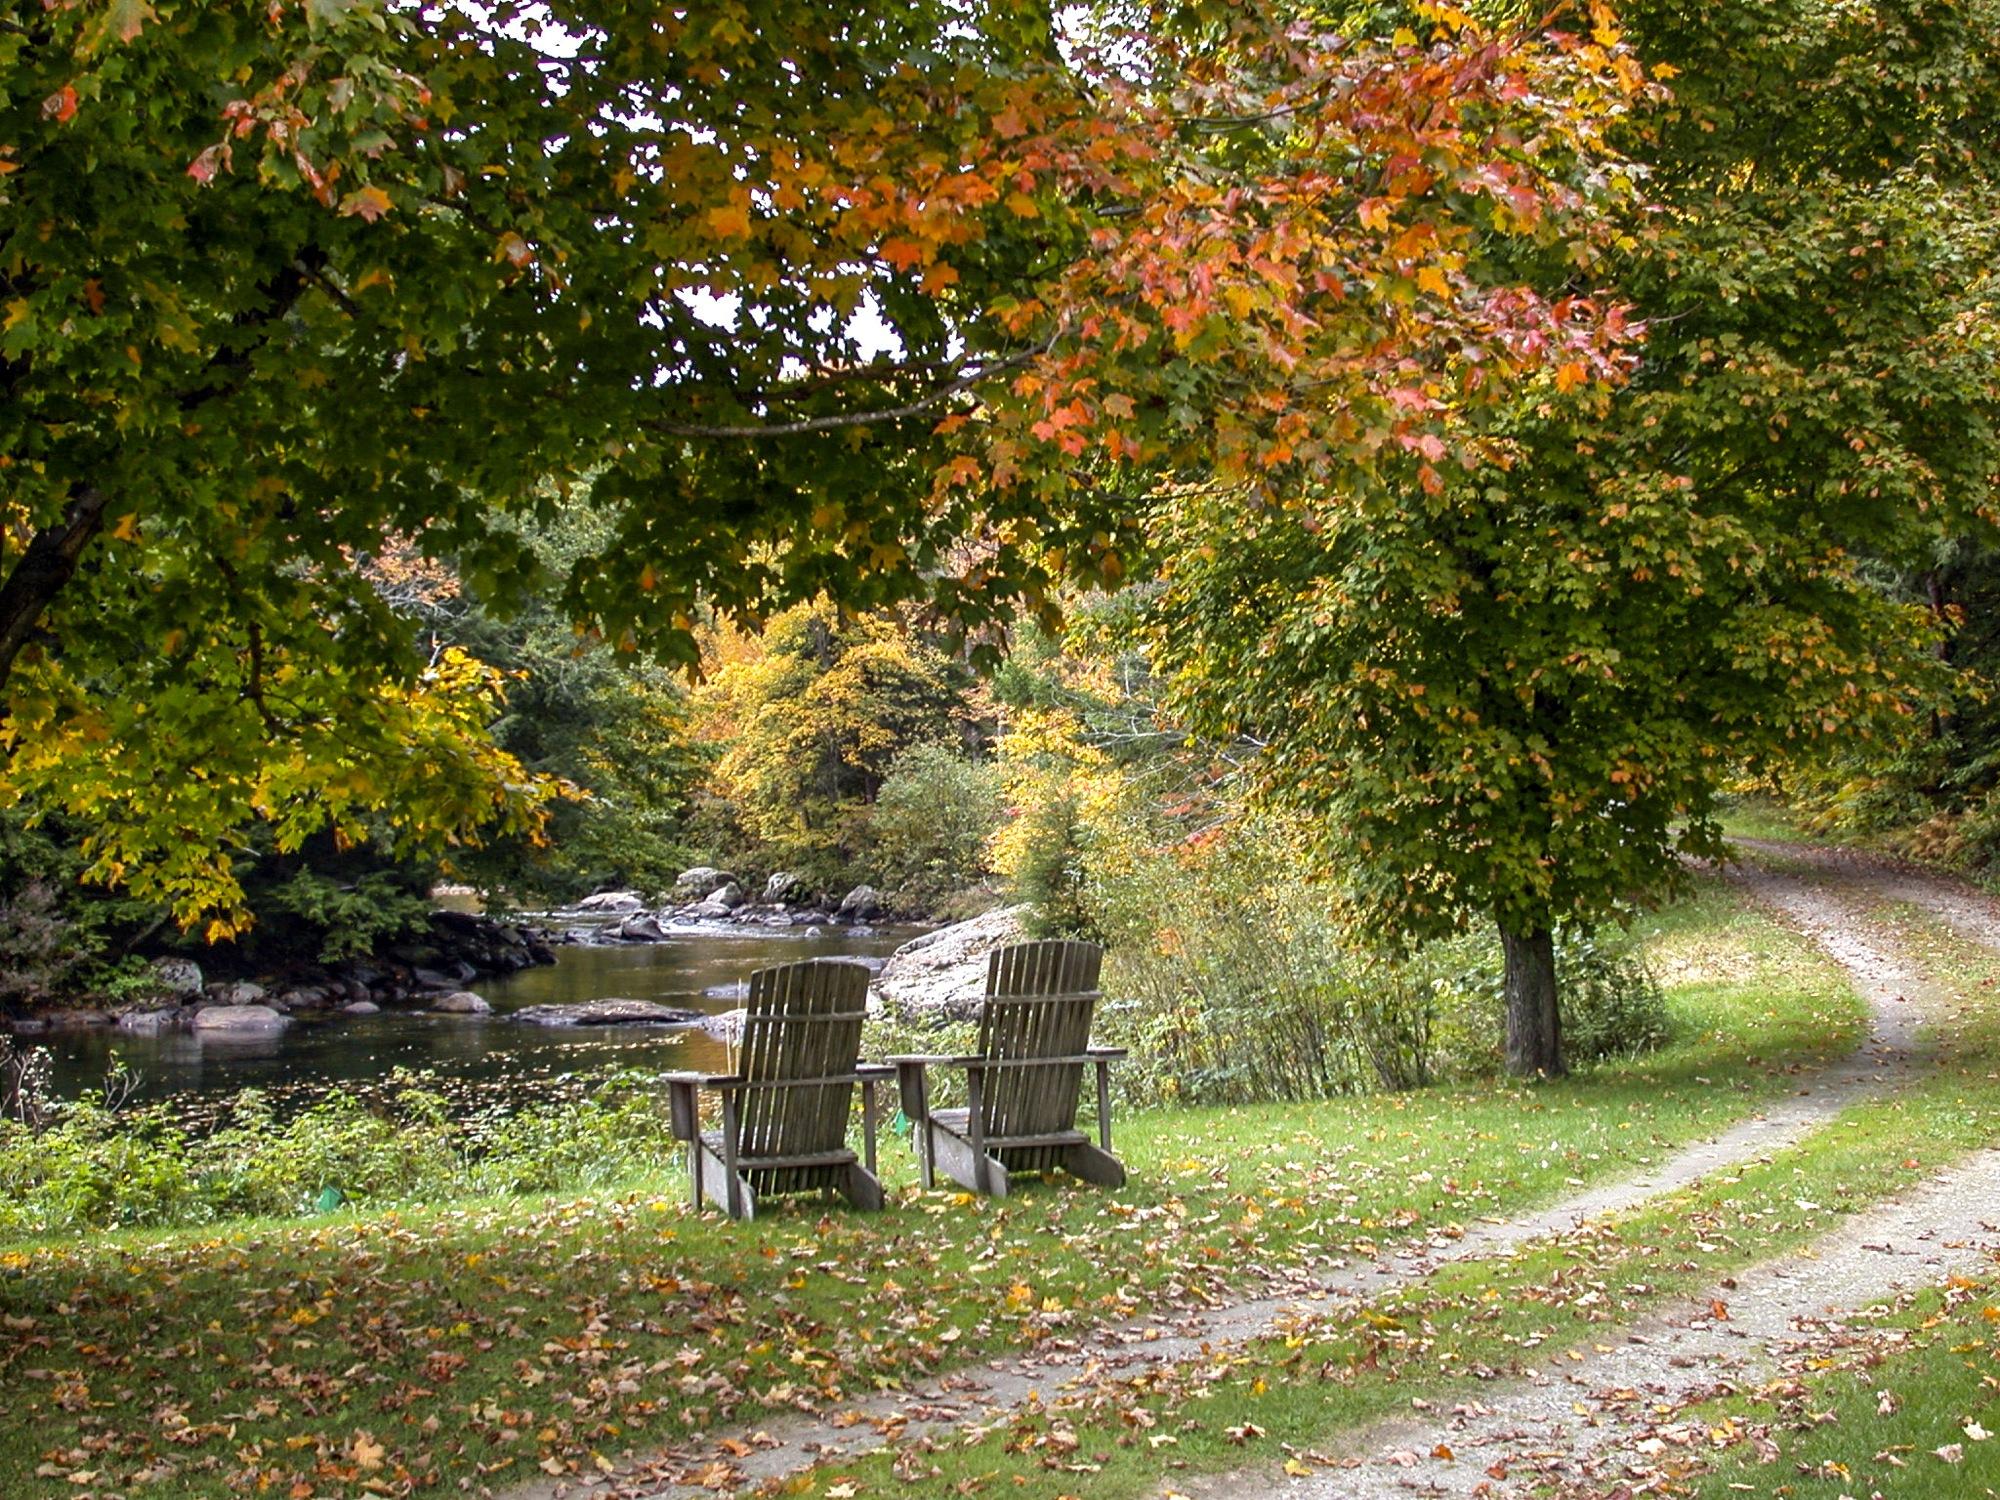 34-Lipke -- Fall chairs on river bank.jpg